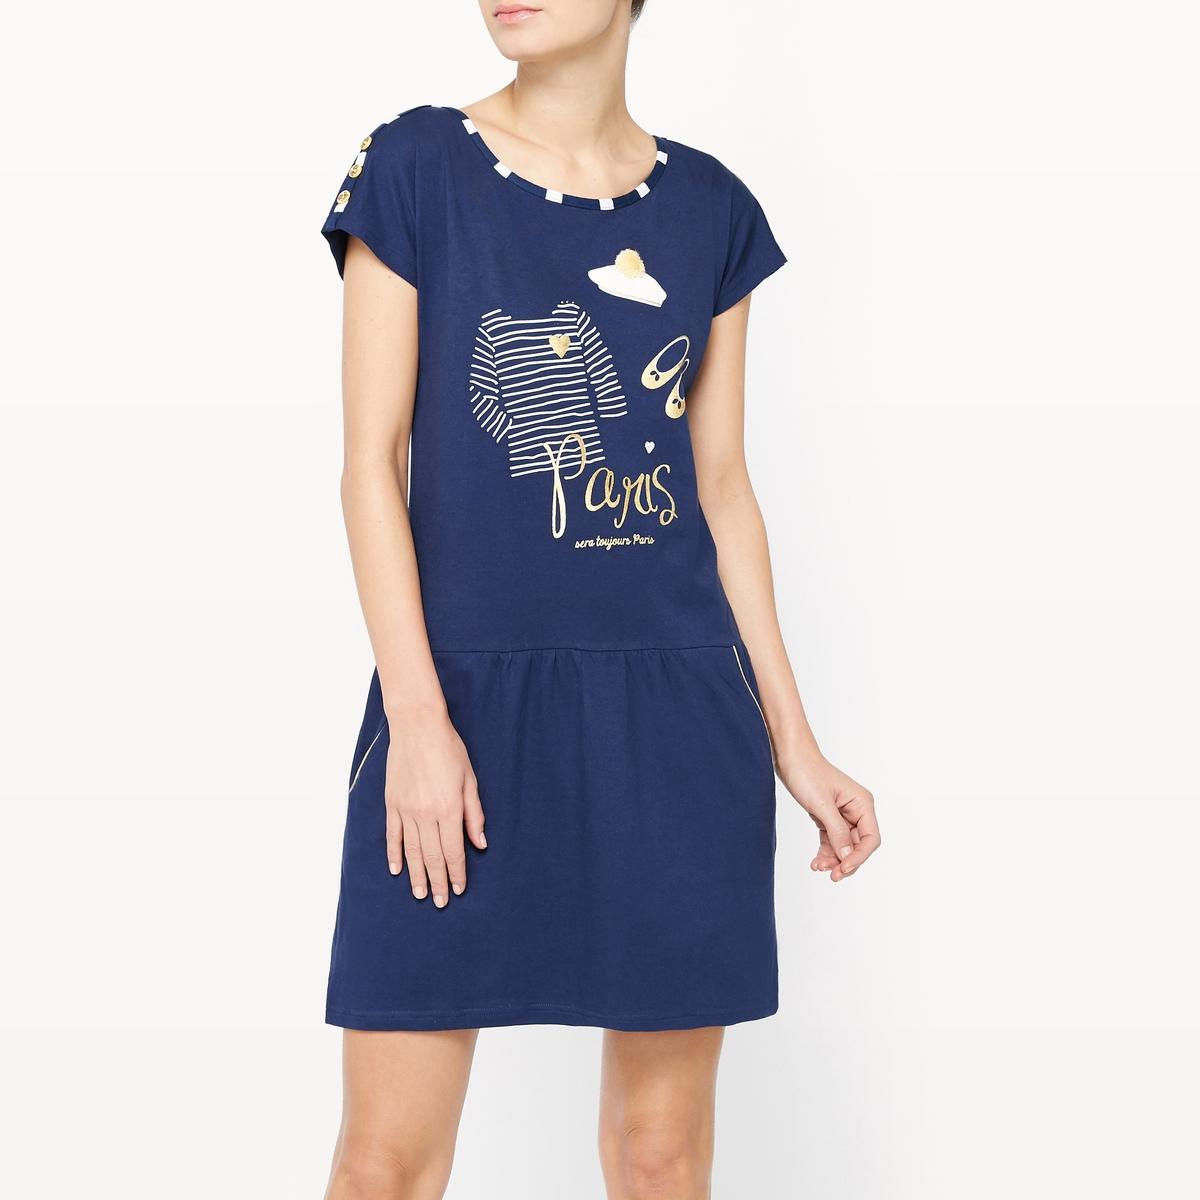 Рубашка ночная из хлопка EternelСостав и описание:Материал: 100% хлопокМарка: Dodo. Уход:Машинная стирка при 30 °C с вещами схожих цветов<br><br>Цвет: синий<br>Размер: M